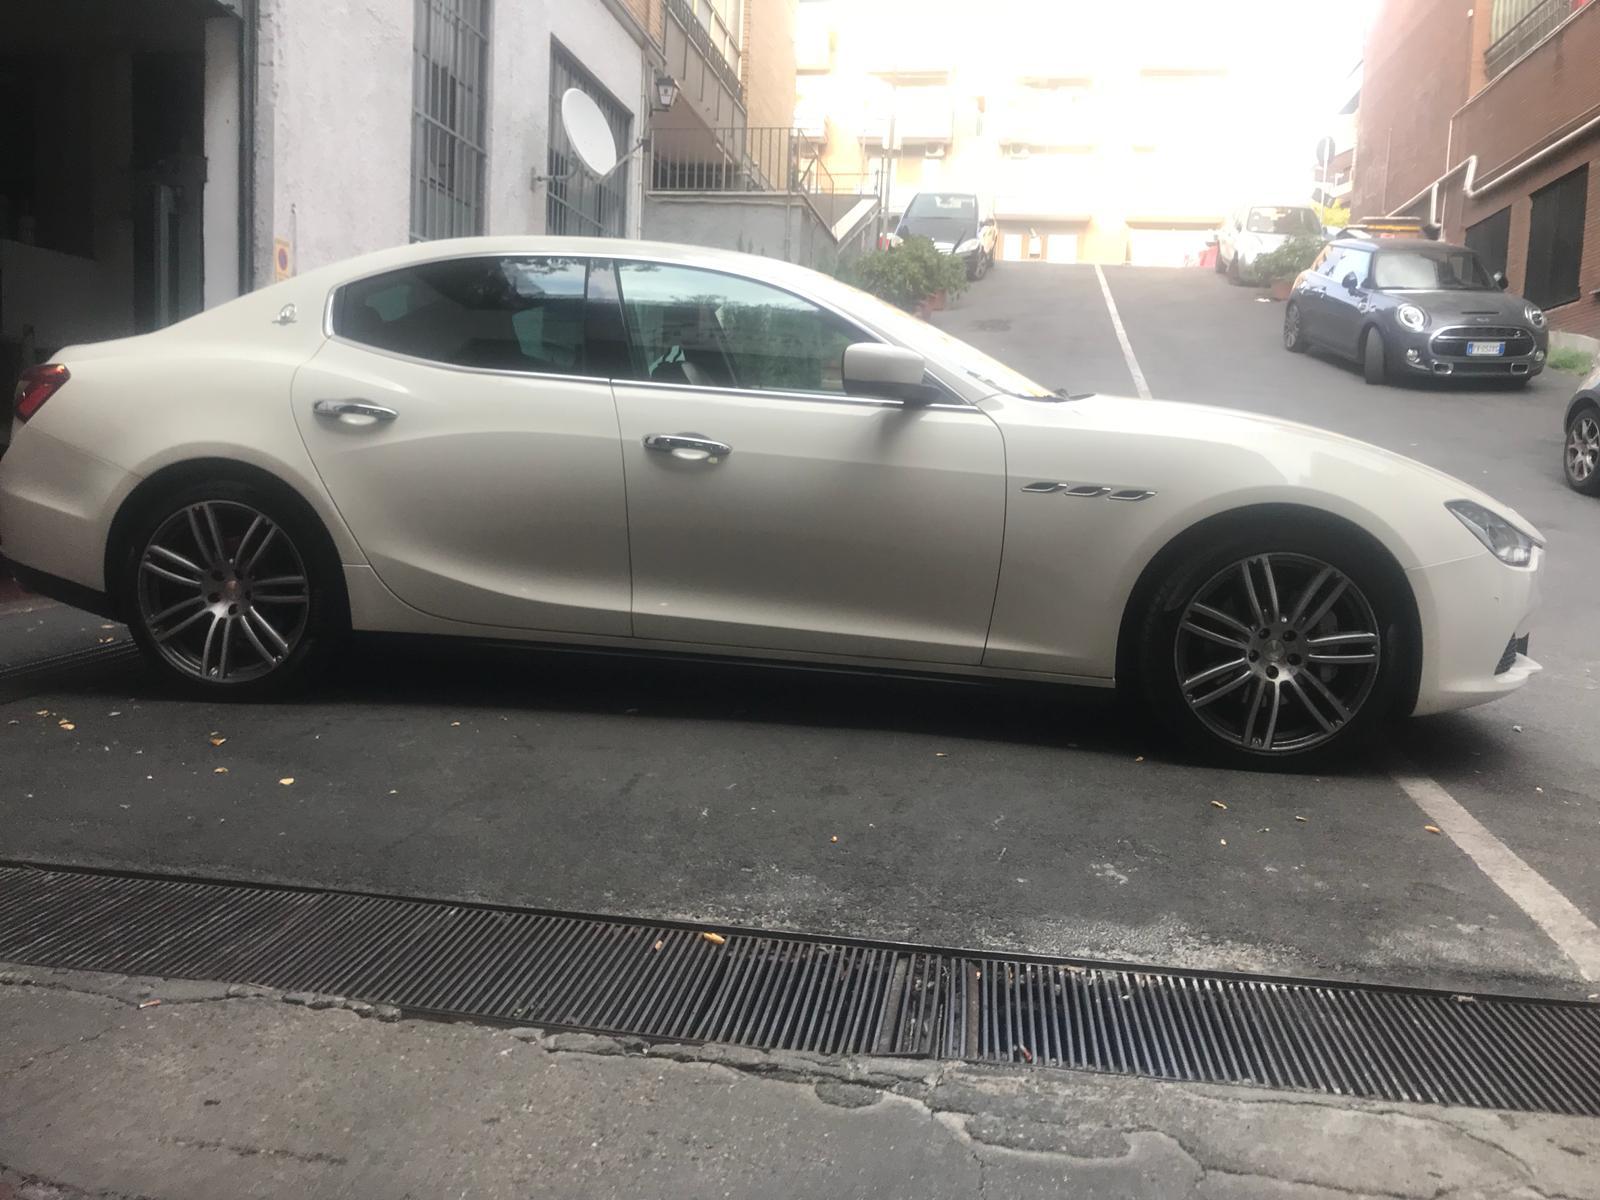 Noleggio auto matrimoni - Maserati Ghibli - noleggio auto storiche